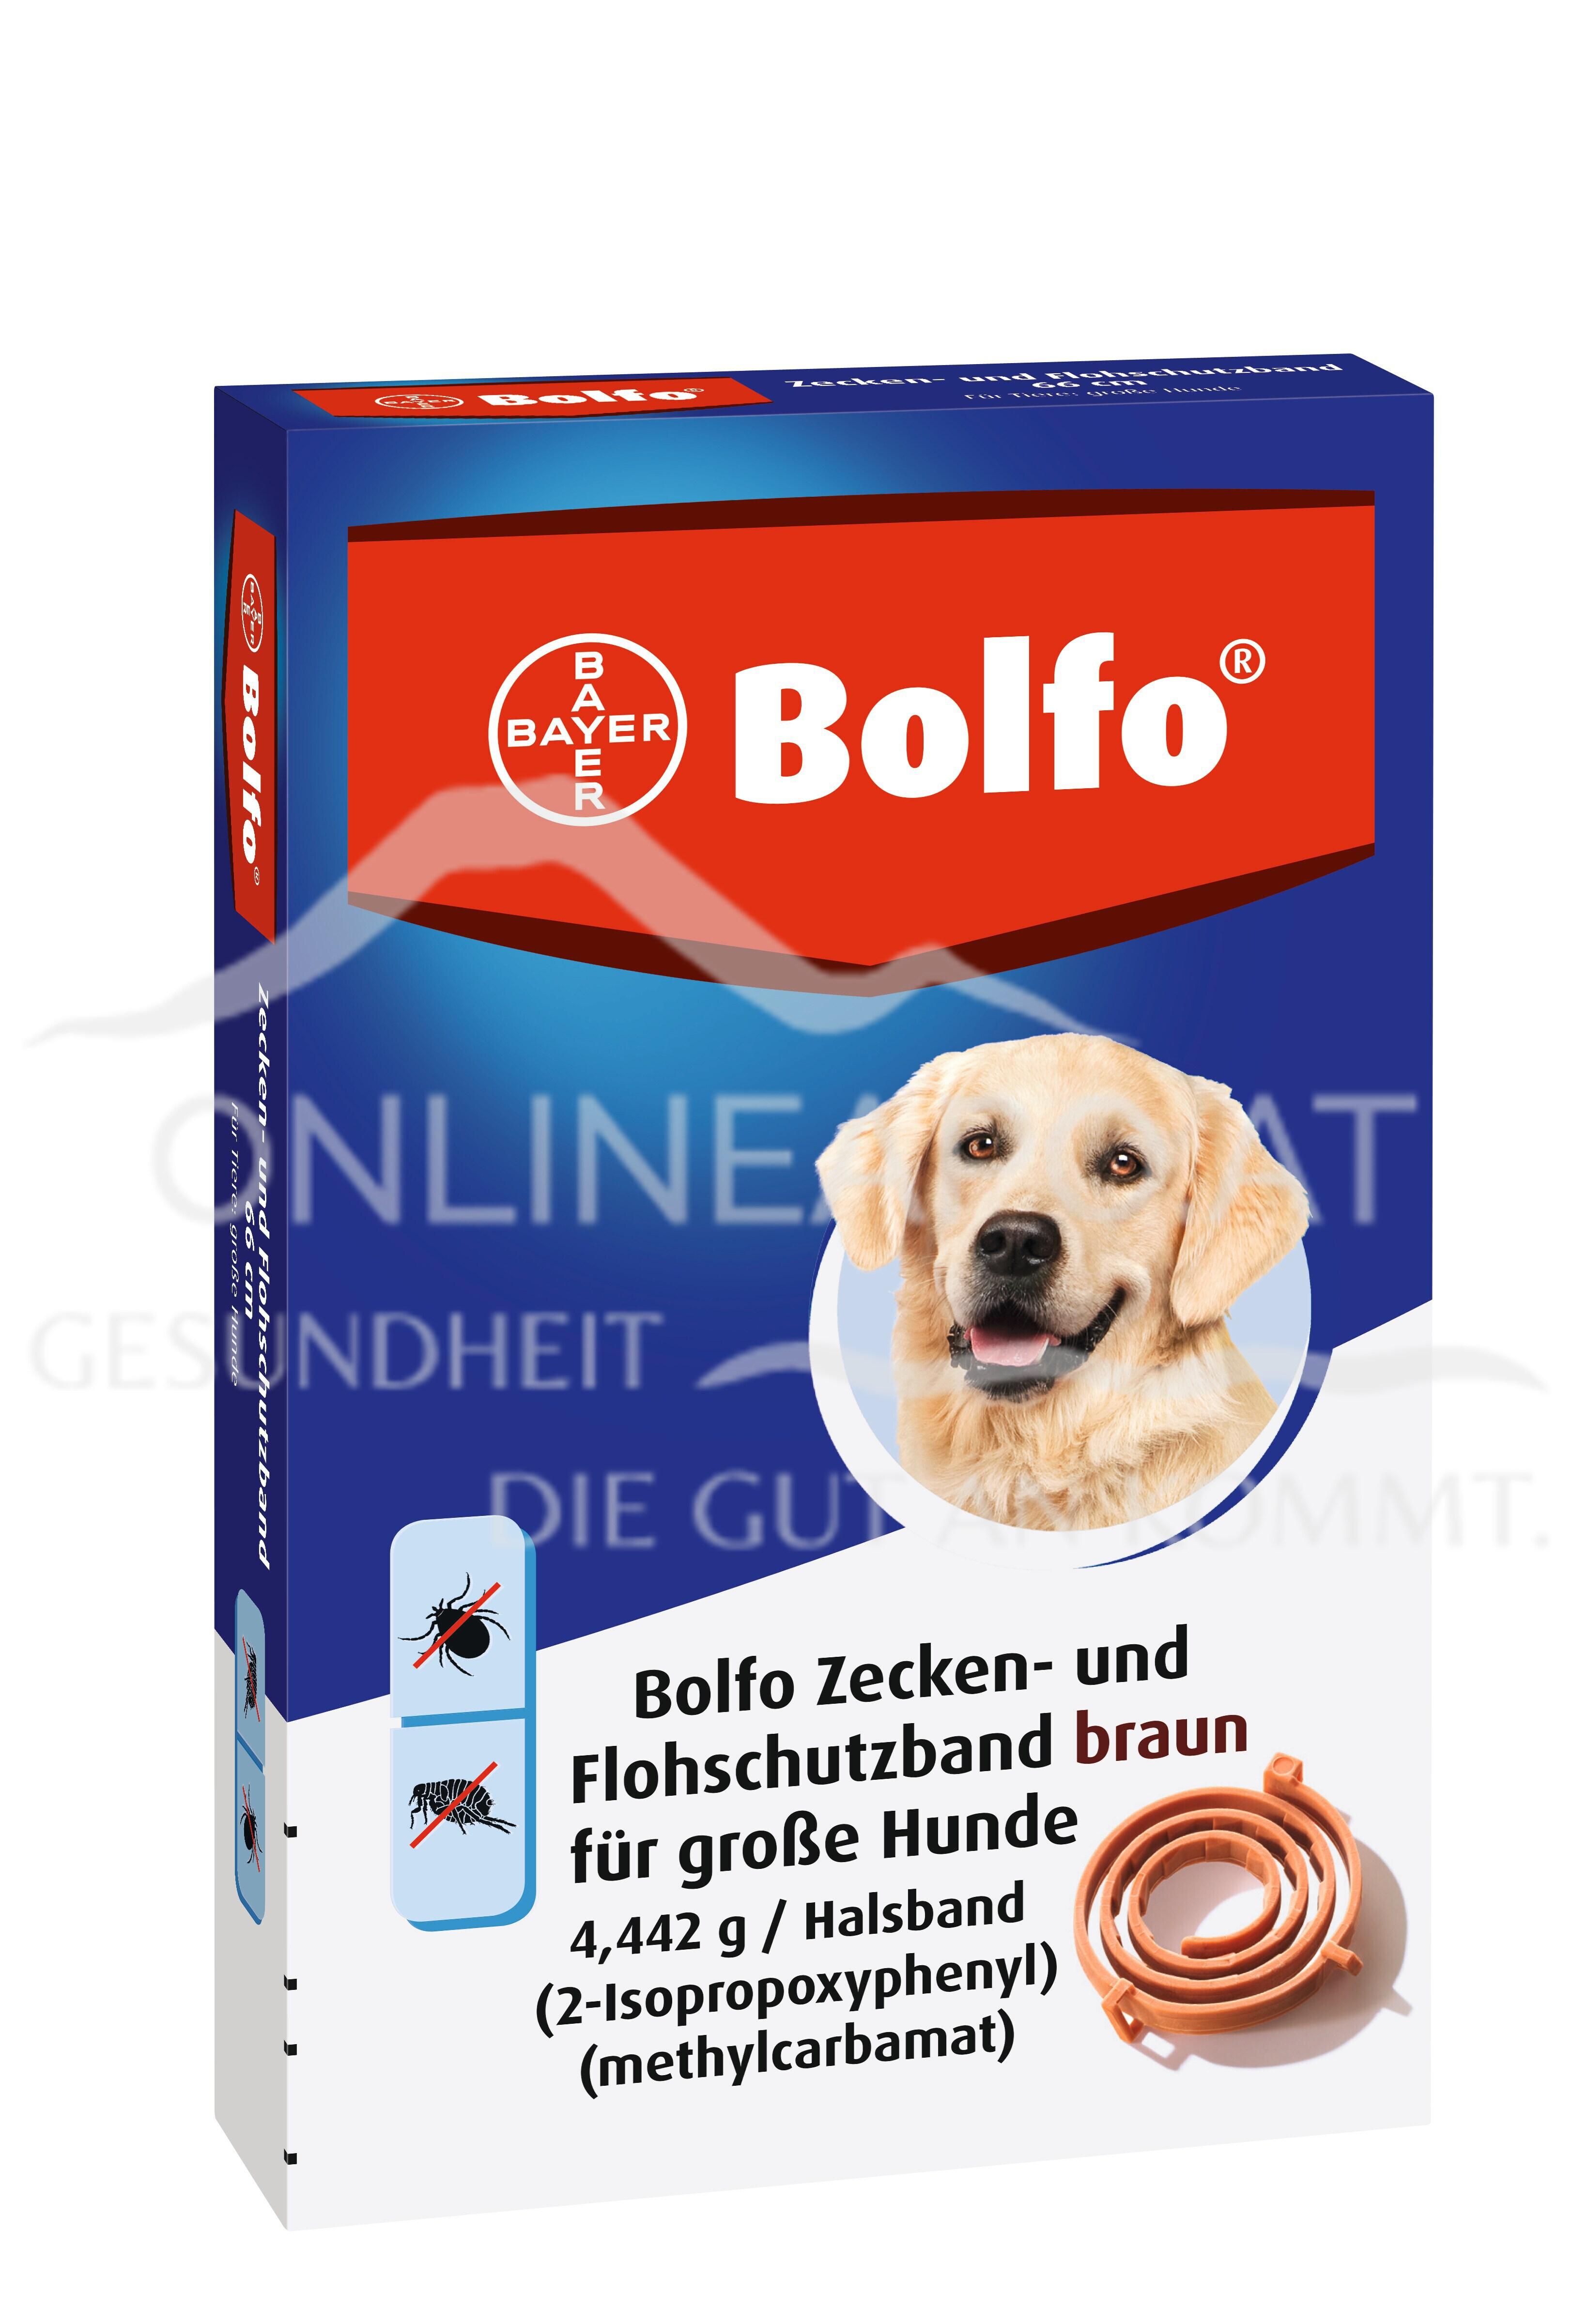 Bolfo® das Zecken- und Flohschutzband für große Hunde